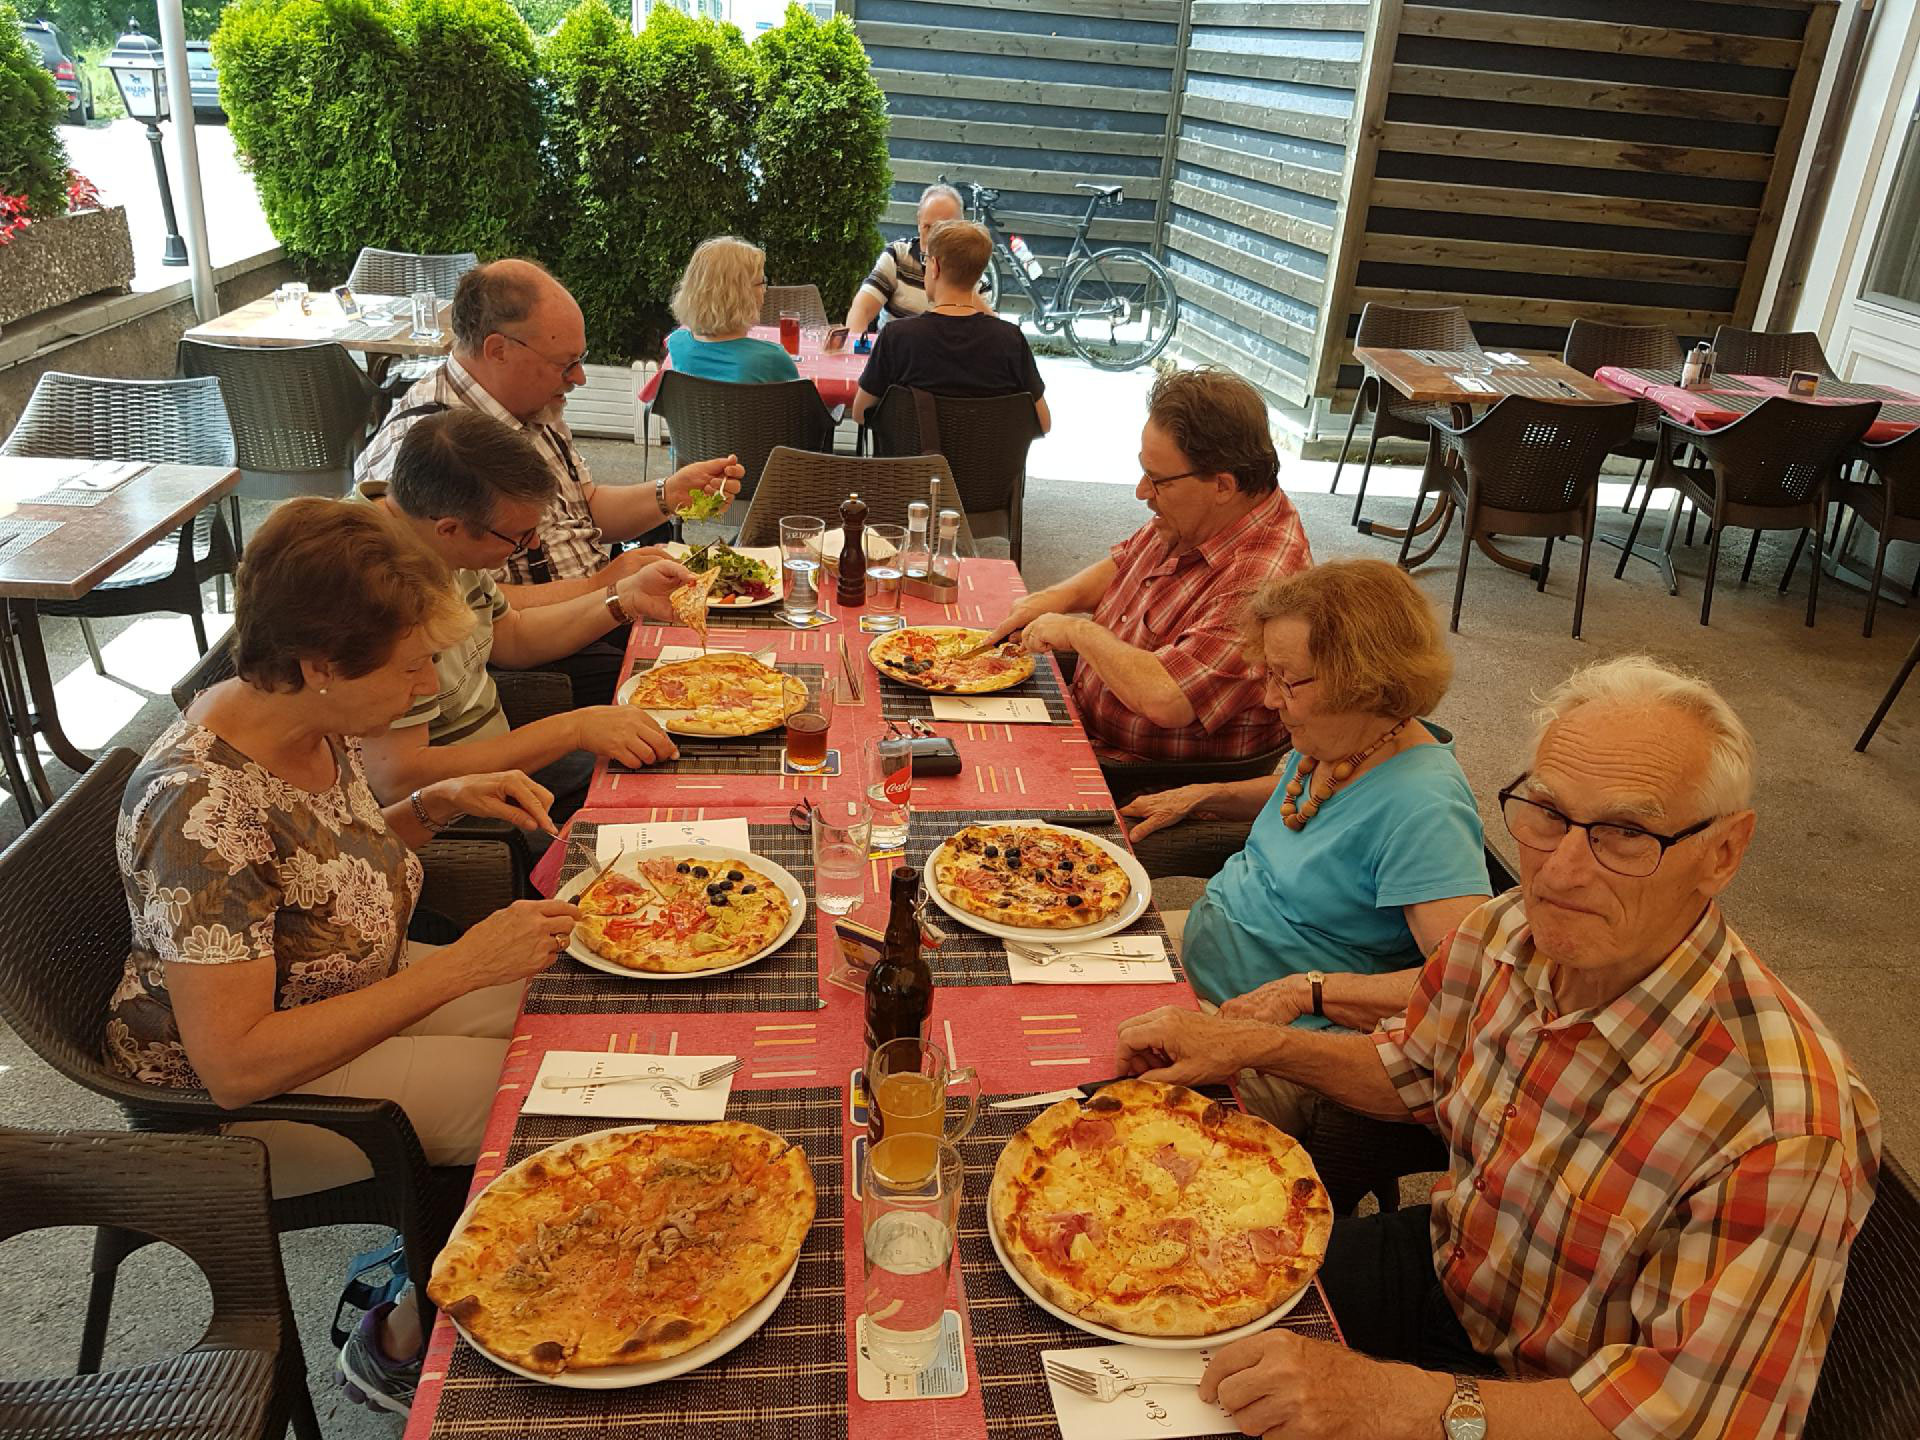 Ein Teil der Gruppe hatte anschliessend noch Lust auf eine feine Pizza